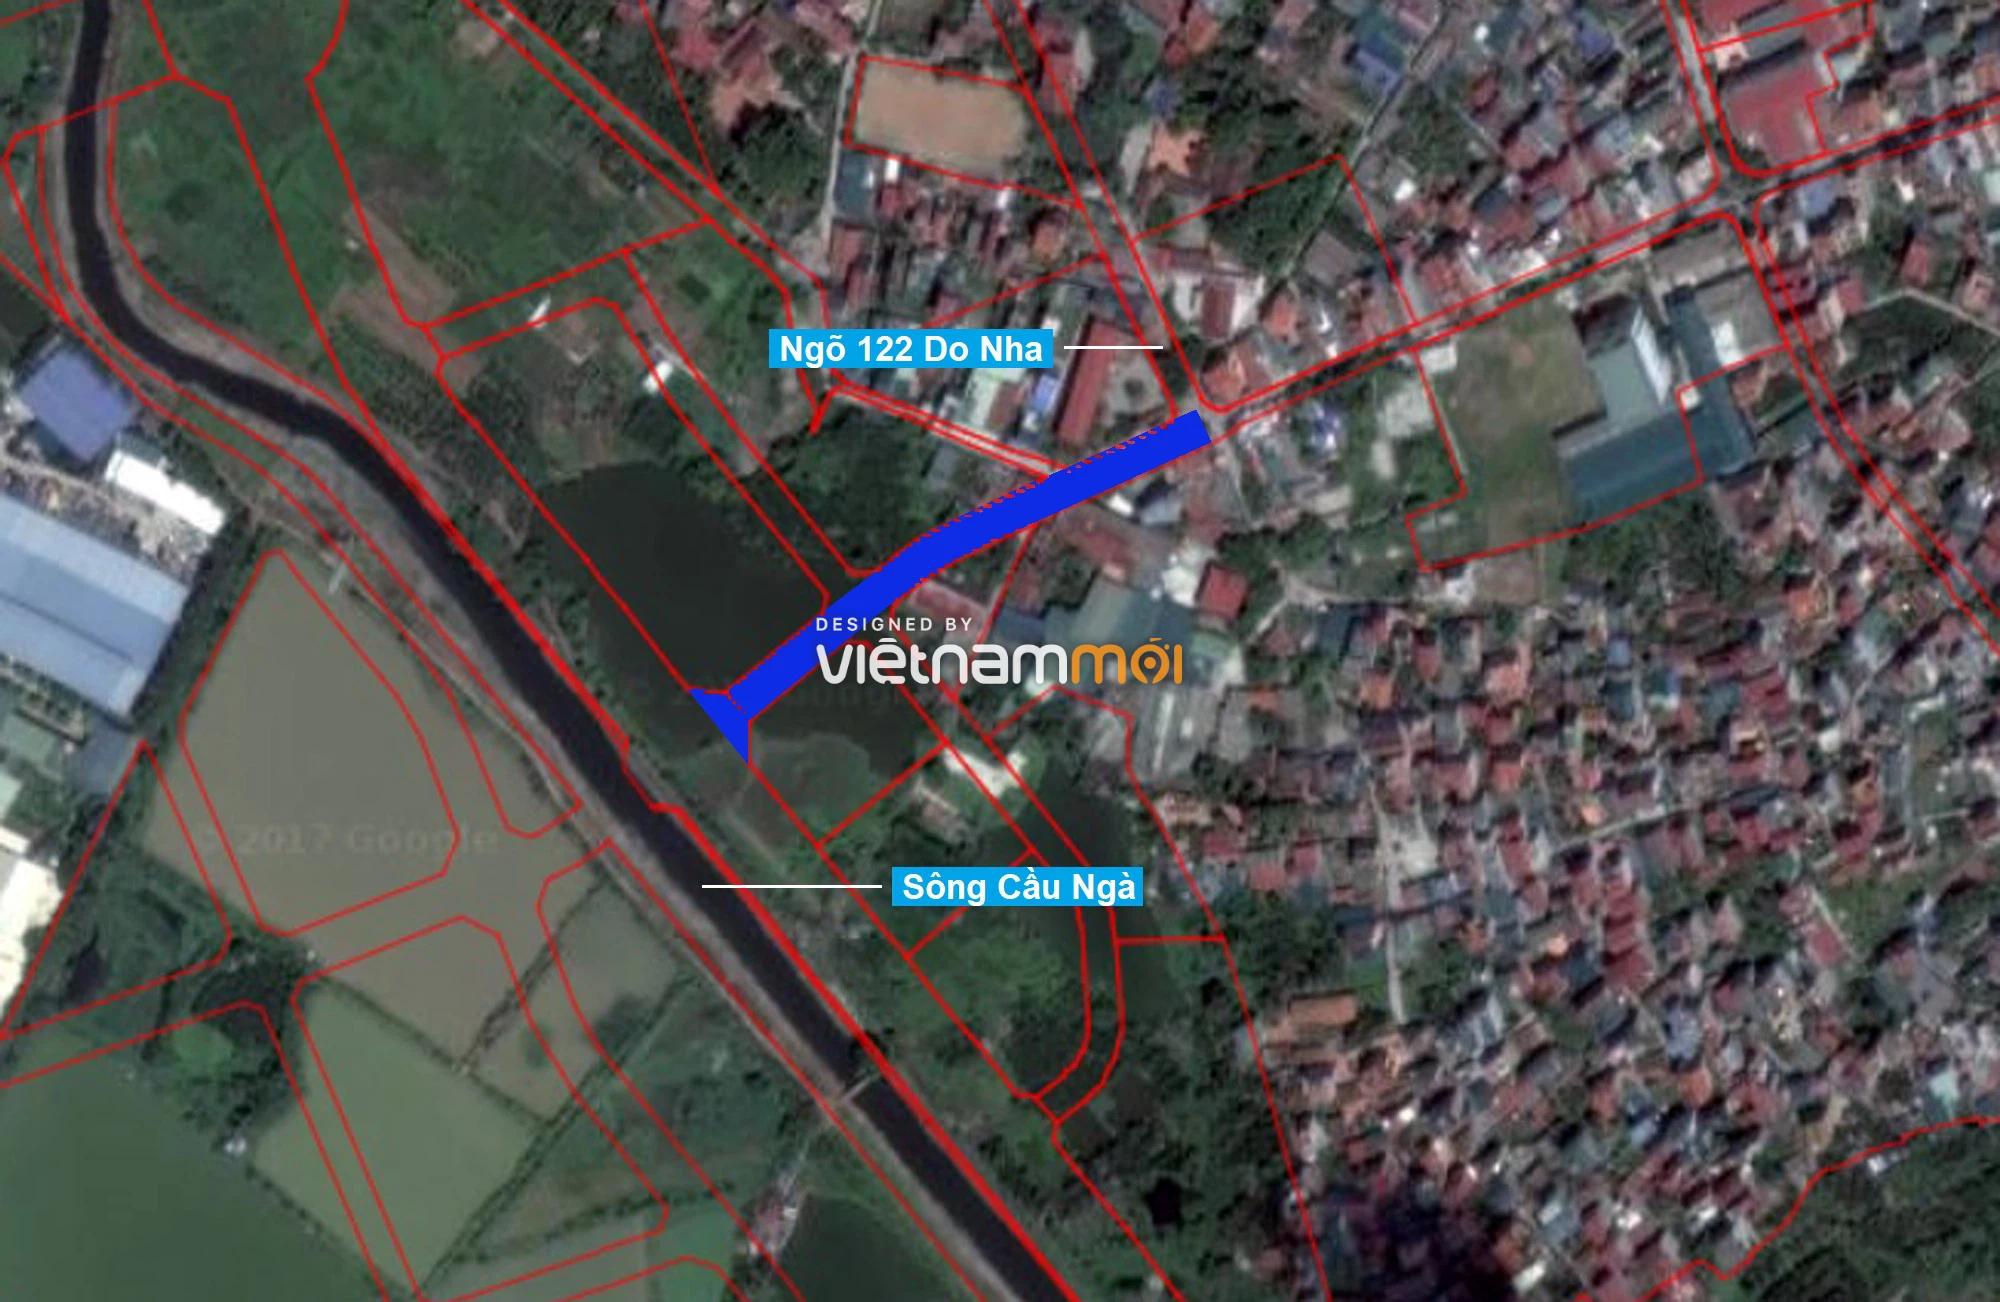 Những khu đất sắp thu hồi để mở đường ở phường Tây Mỗ, Nam Từ Liêm, Hà Nội (phần 5) - Ảnh 11.